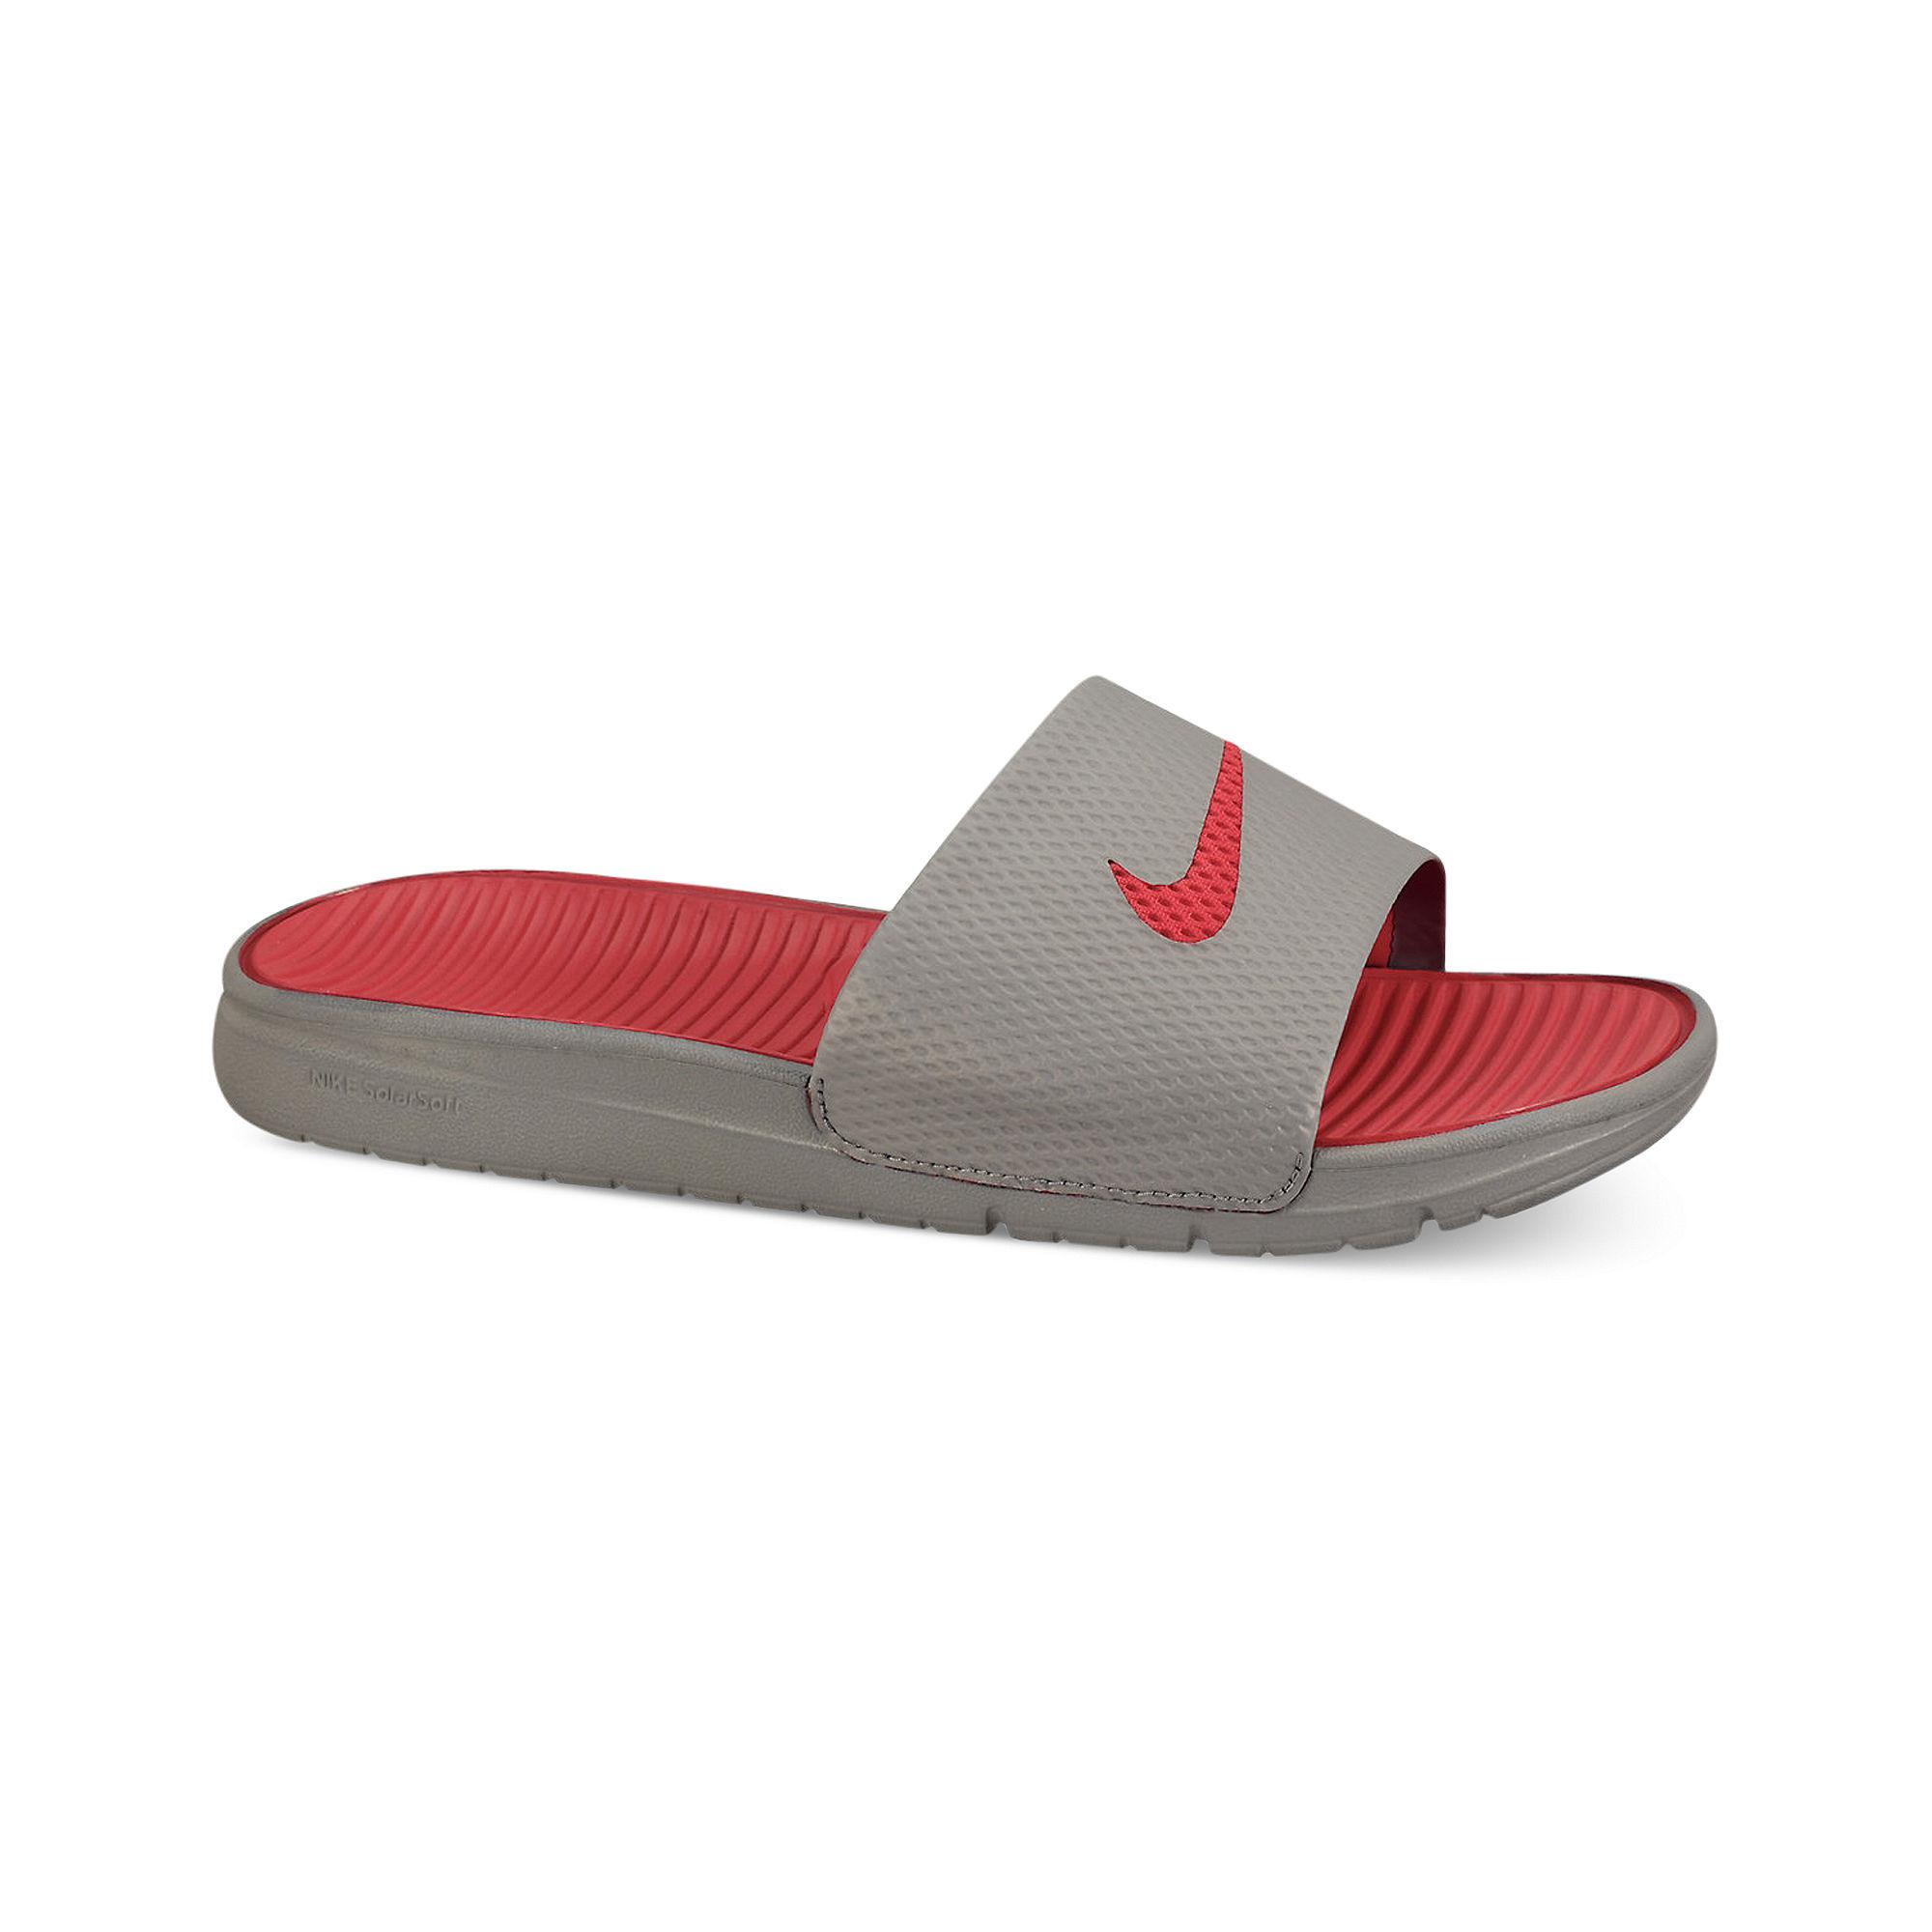 a78d4382f36 Lyst - Nike Benassi Solarsoft Slides in Gray for Men